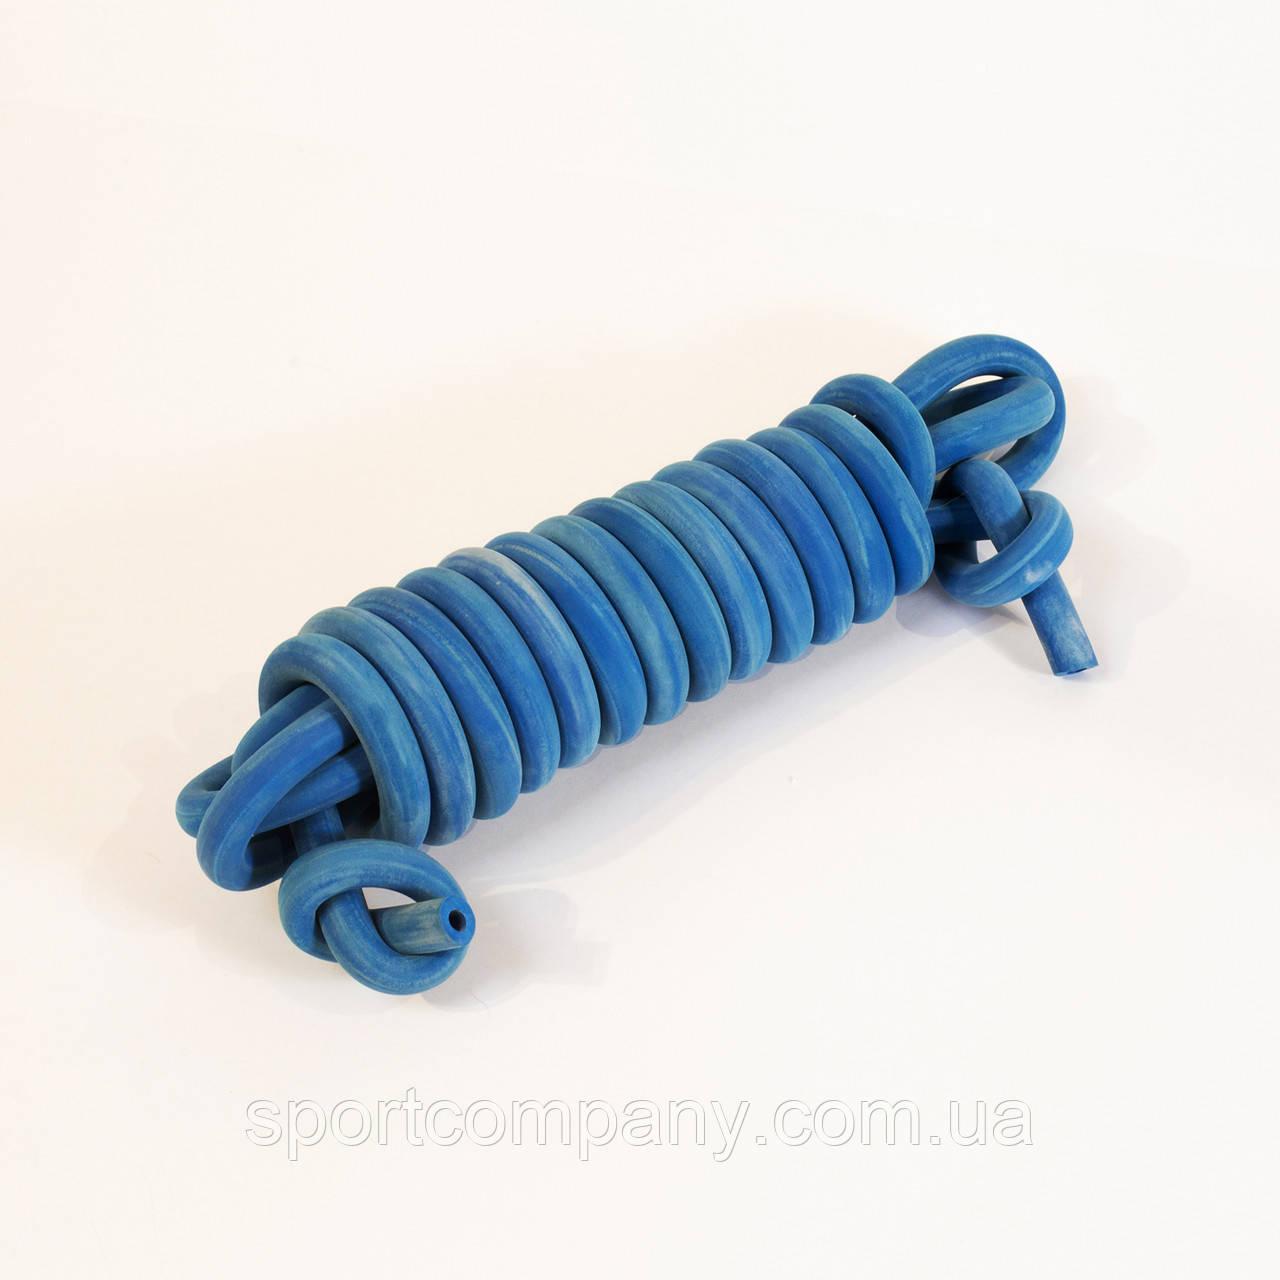 Жгут резиновый трубчатый спортивный ( резина, d-16 мм, I-700 см, синий ) tr.blue16